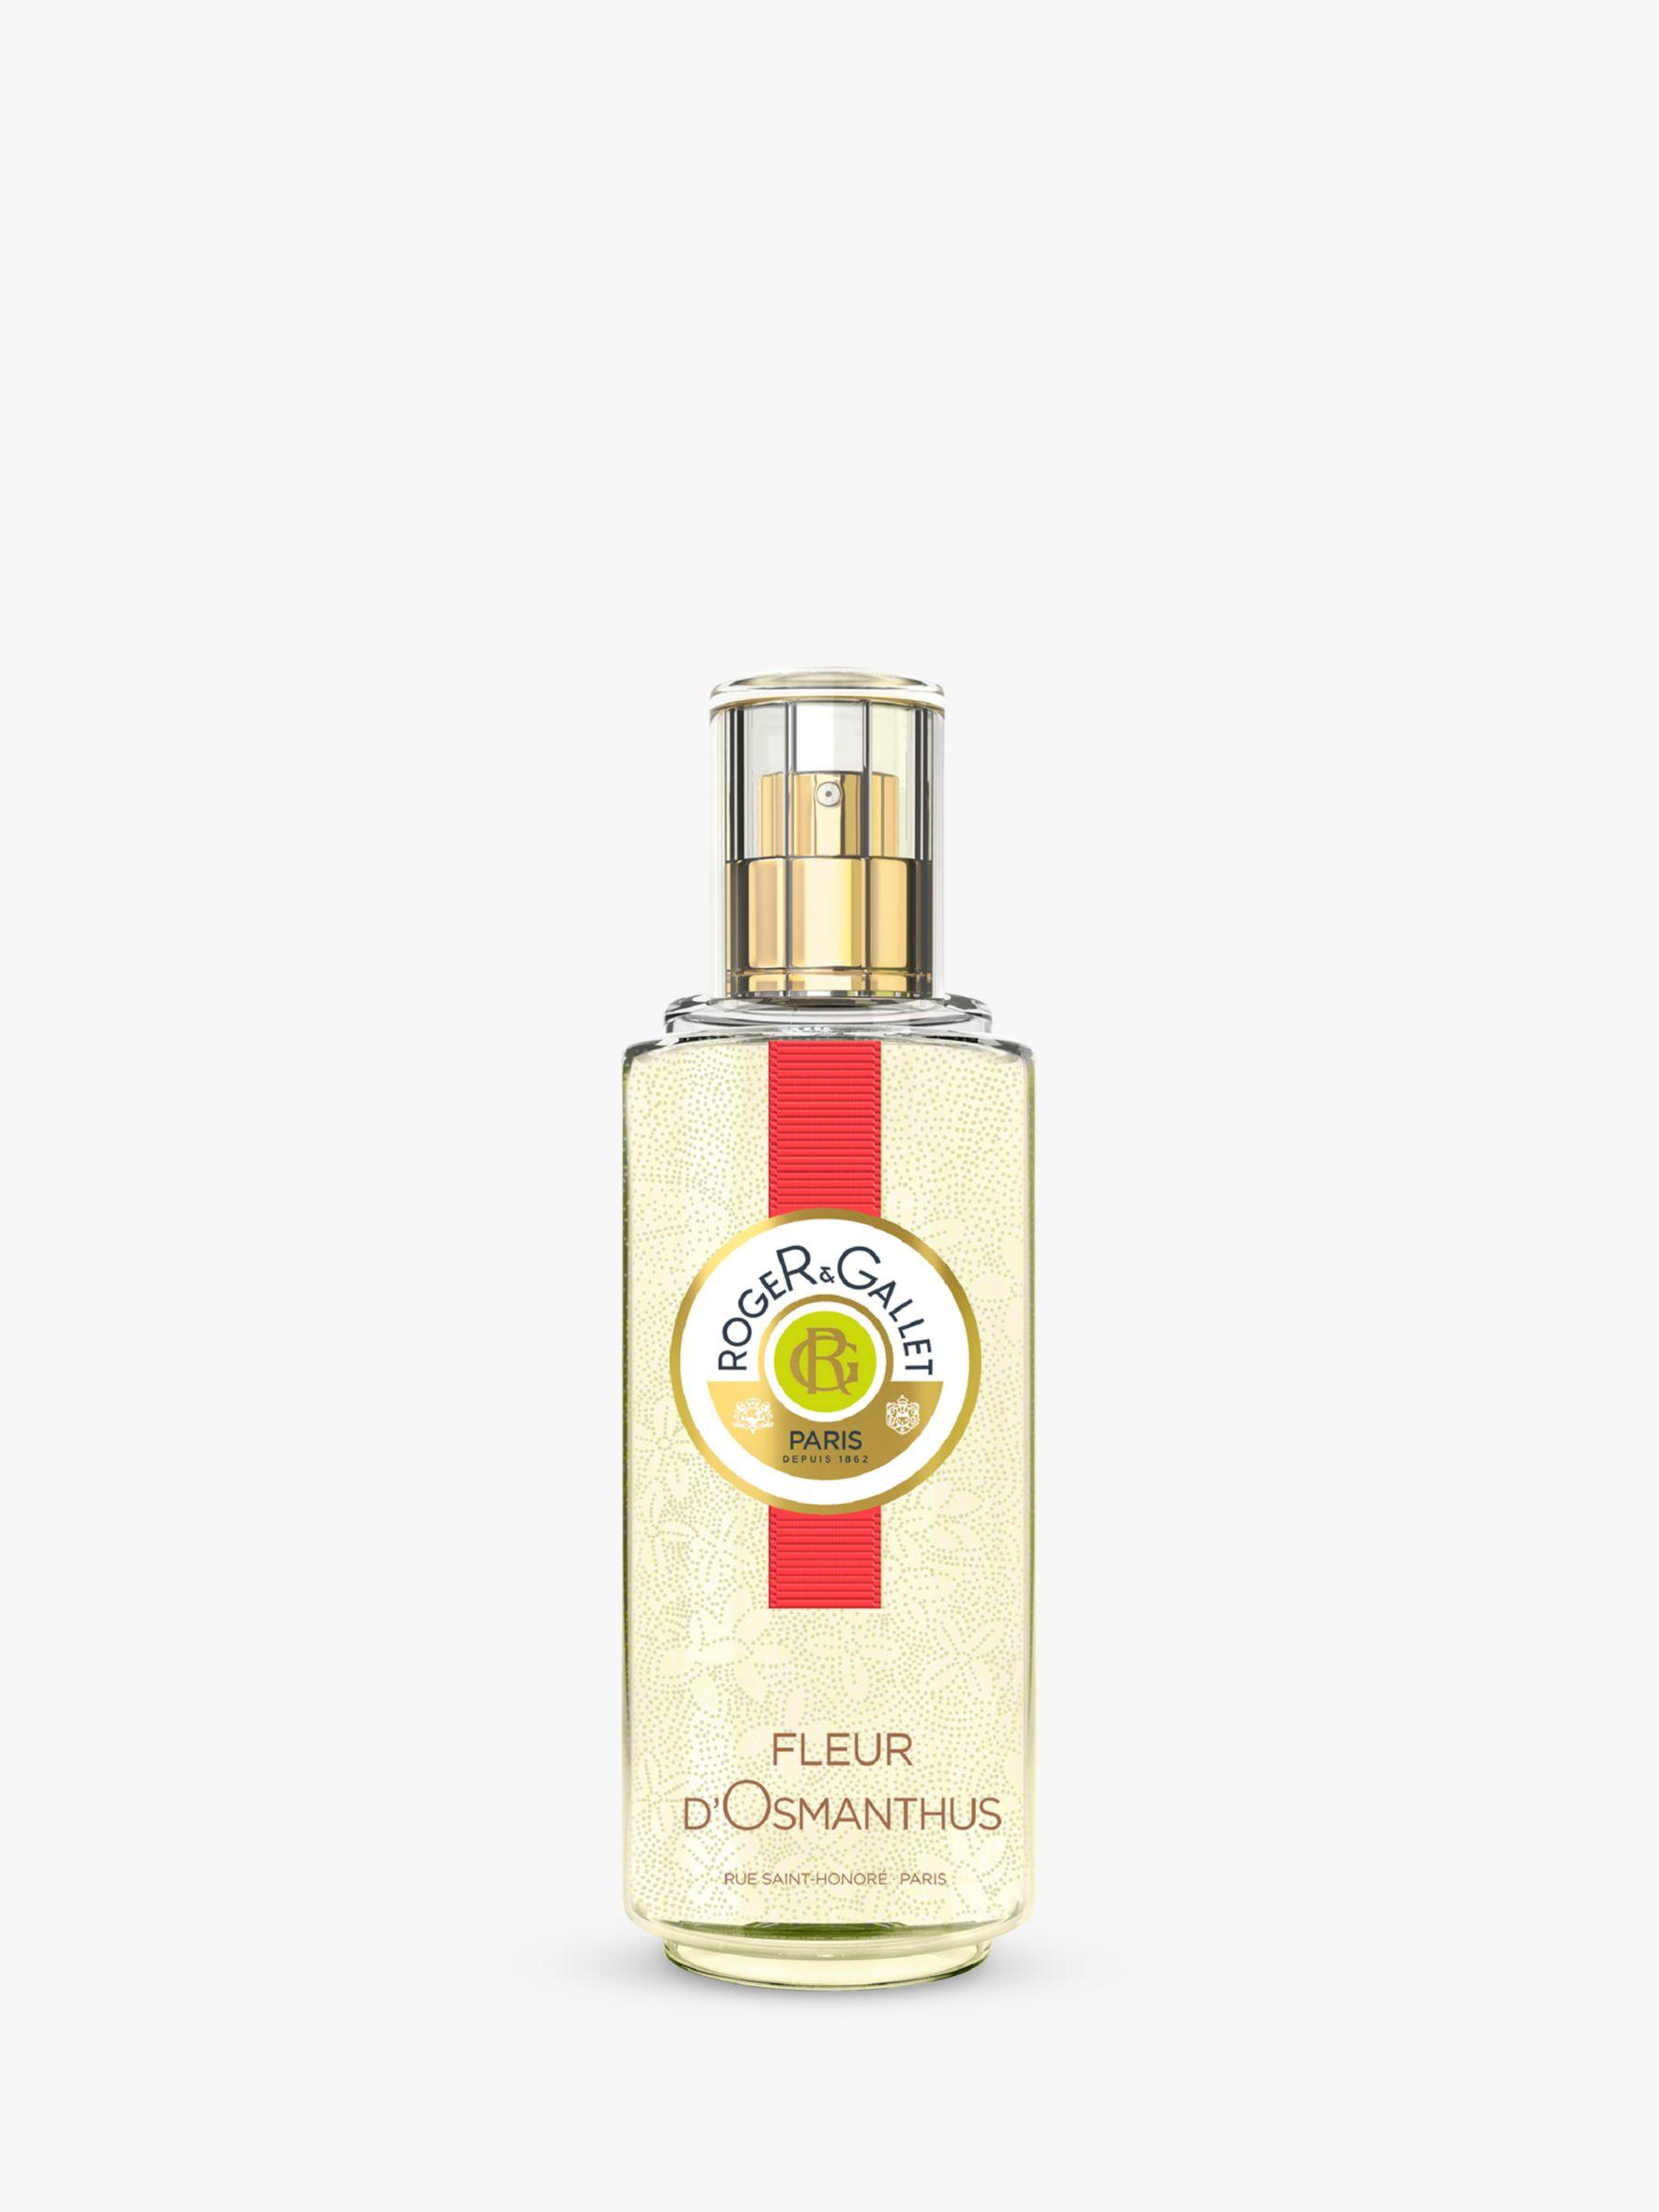 Roger & Gallet Roger & Gallet Fleur D'Osmanthus Well-Being Water Fragrance, 100ml